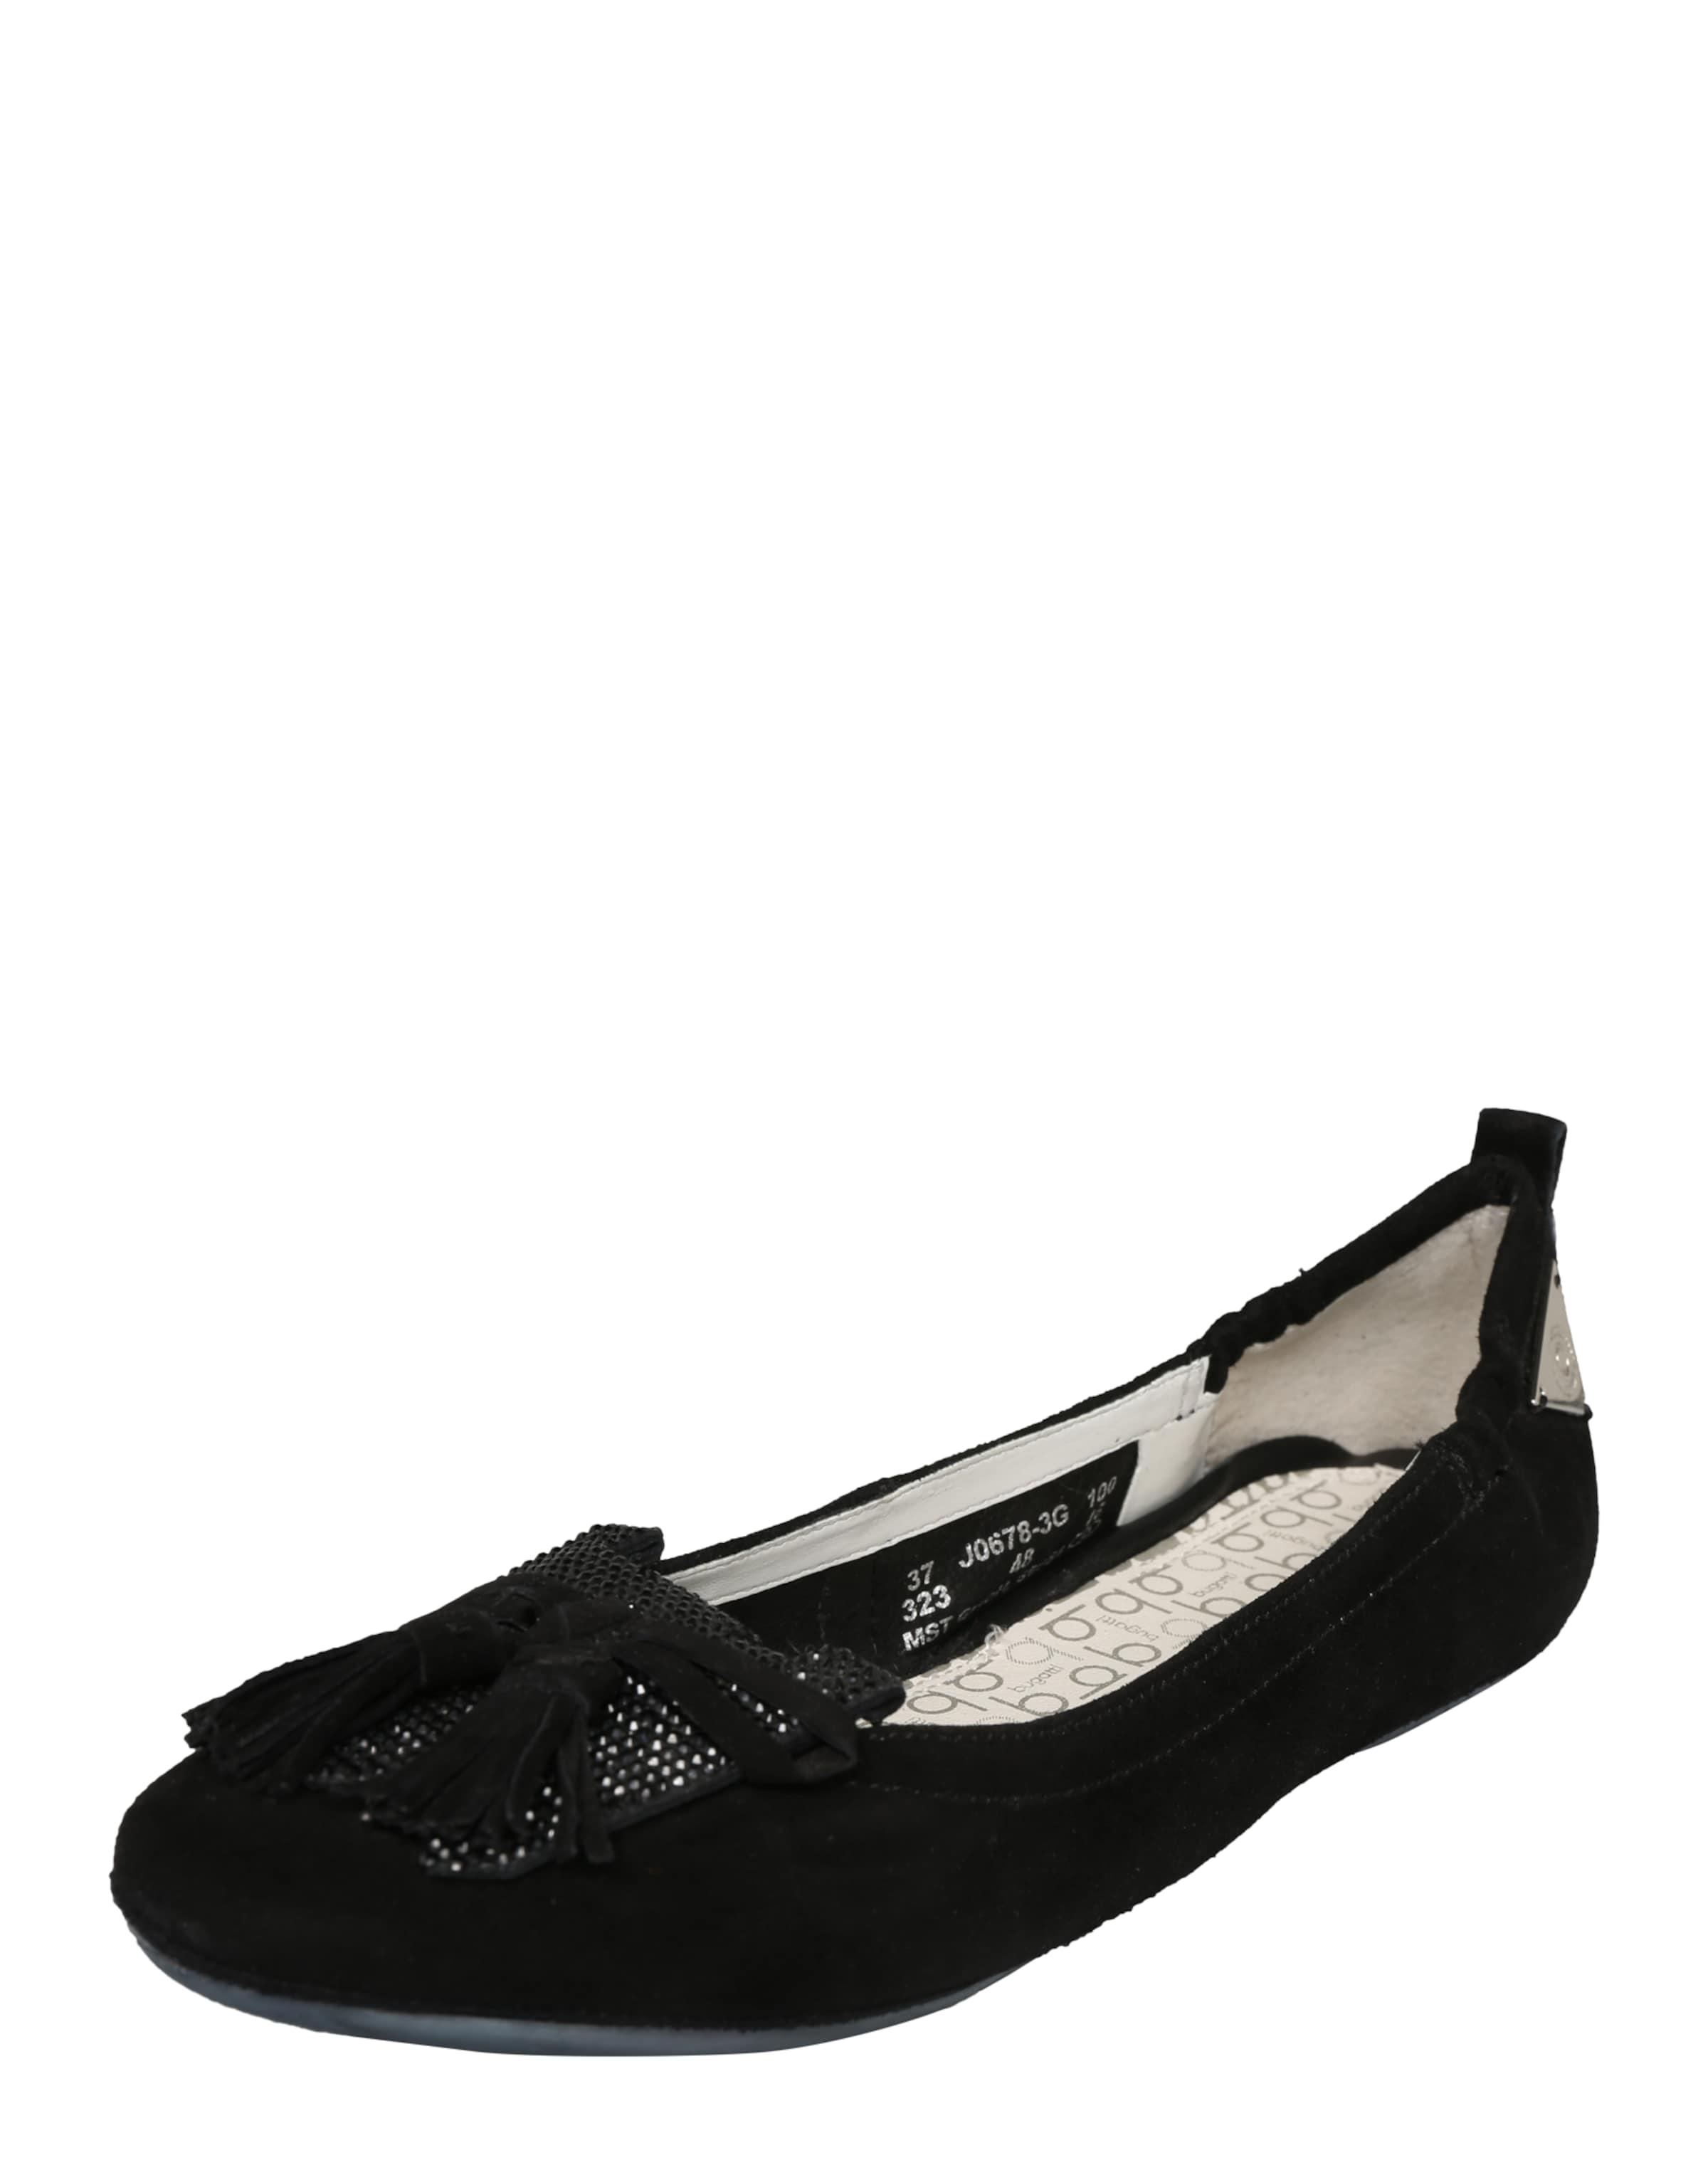 bugatti Ballerina Verschleißfeste Schuhe billige Schuhe Verschleißfeste Hohe Qualität 0c04cb